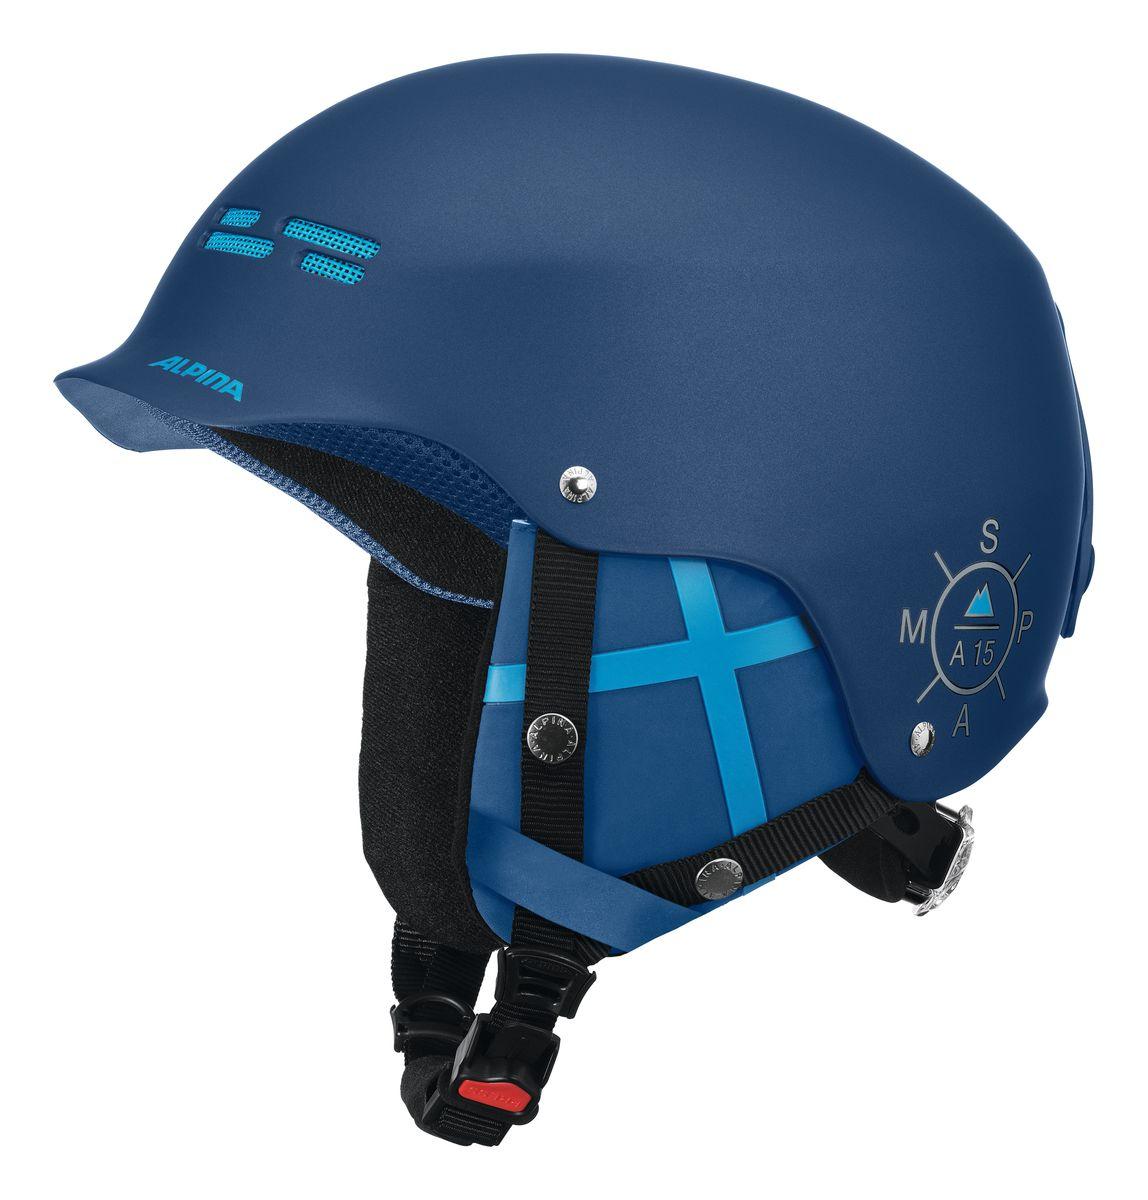 Шлем зимний Alpina Spam Cap, цвет: синий. Размер 54-57. 9033_829033_82HARD SHELL - сочетание ударопрочного внешней оболочки (ABS пластик или поликарбонат) и утепляющей внутренней оболочки (EPS) гарантирует максимальную безопасность. RUN SYSTEM ERGO SNOW – гибкая система настройки шлема, оснащённая удобной ручкой, оснащенная двумя дополнительными подушками-уплотнителями для сокращения давления VENTING SYSTEM – особые вентиляционные отверстия для отведения излишнего тепла и поддержания оптимальной температуры REMOVABLE EARPADS - съемные амбушюры добавляют чувства свободы во время катания в теплую погоду, не в ущерб безопасности. При падении температуры, амбушюры легко устанавливаются обратно на шлем.